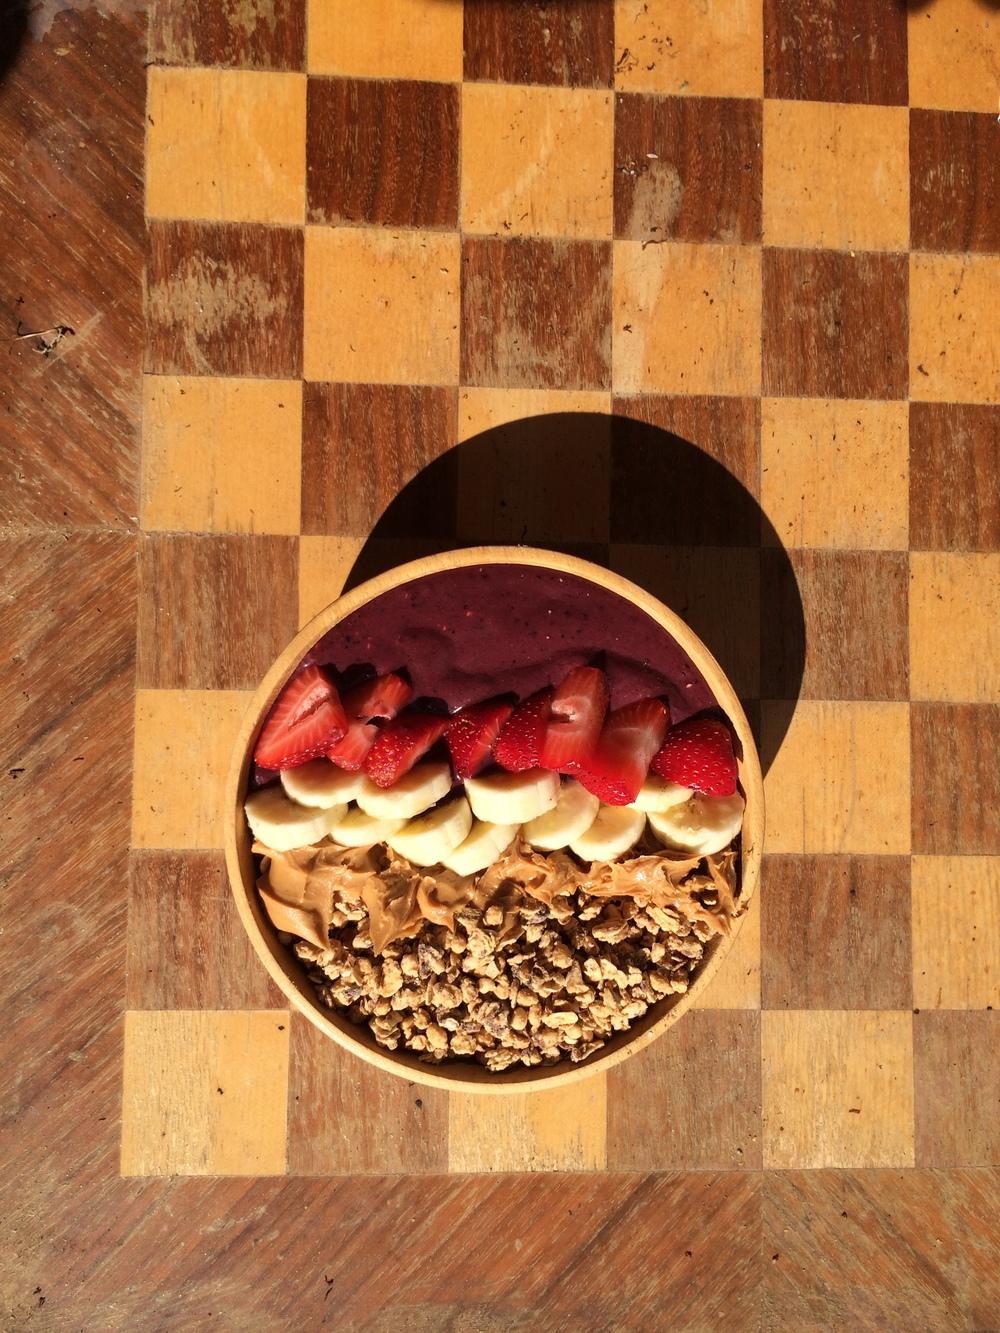 acai bowl.JPG